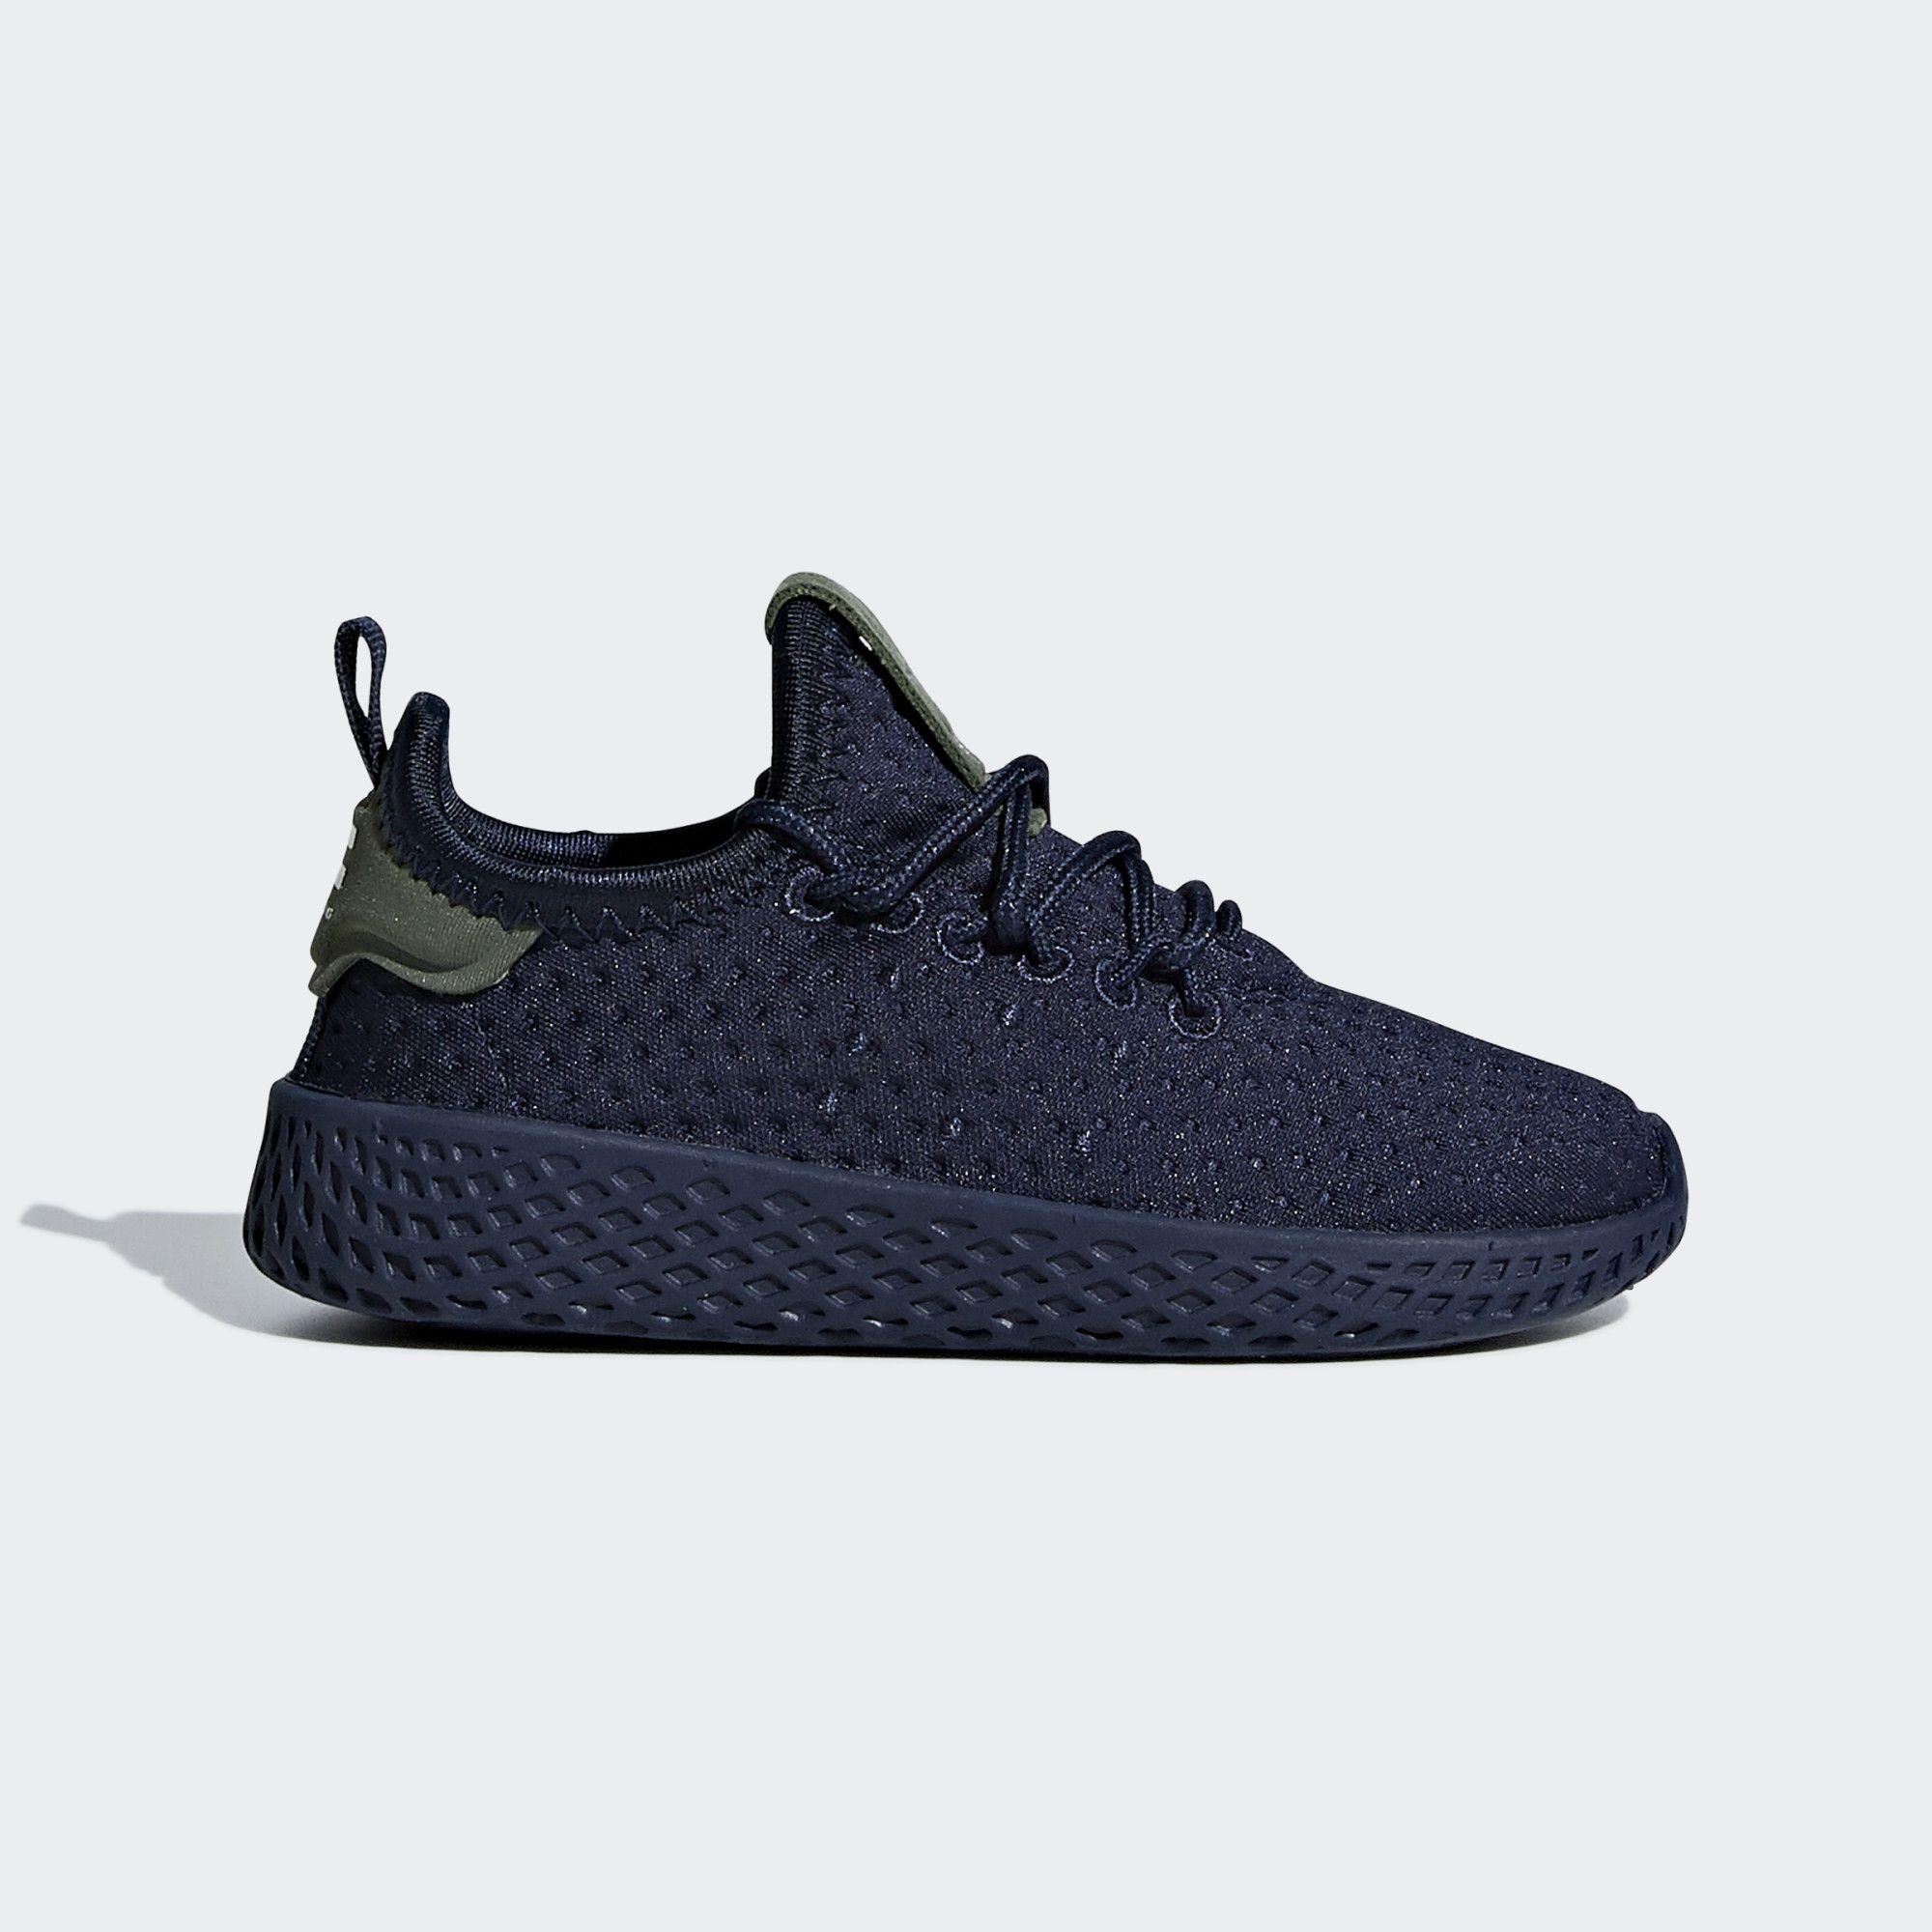 Ofensa en el medio de la nada izquierda  adidas Pharrell Williams Tennis Hu Shoes - Blue | adidas US | Adidas  pharrell williams, Pharrell williams, Blue adidas